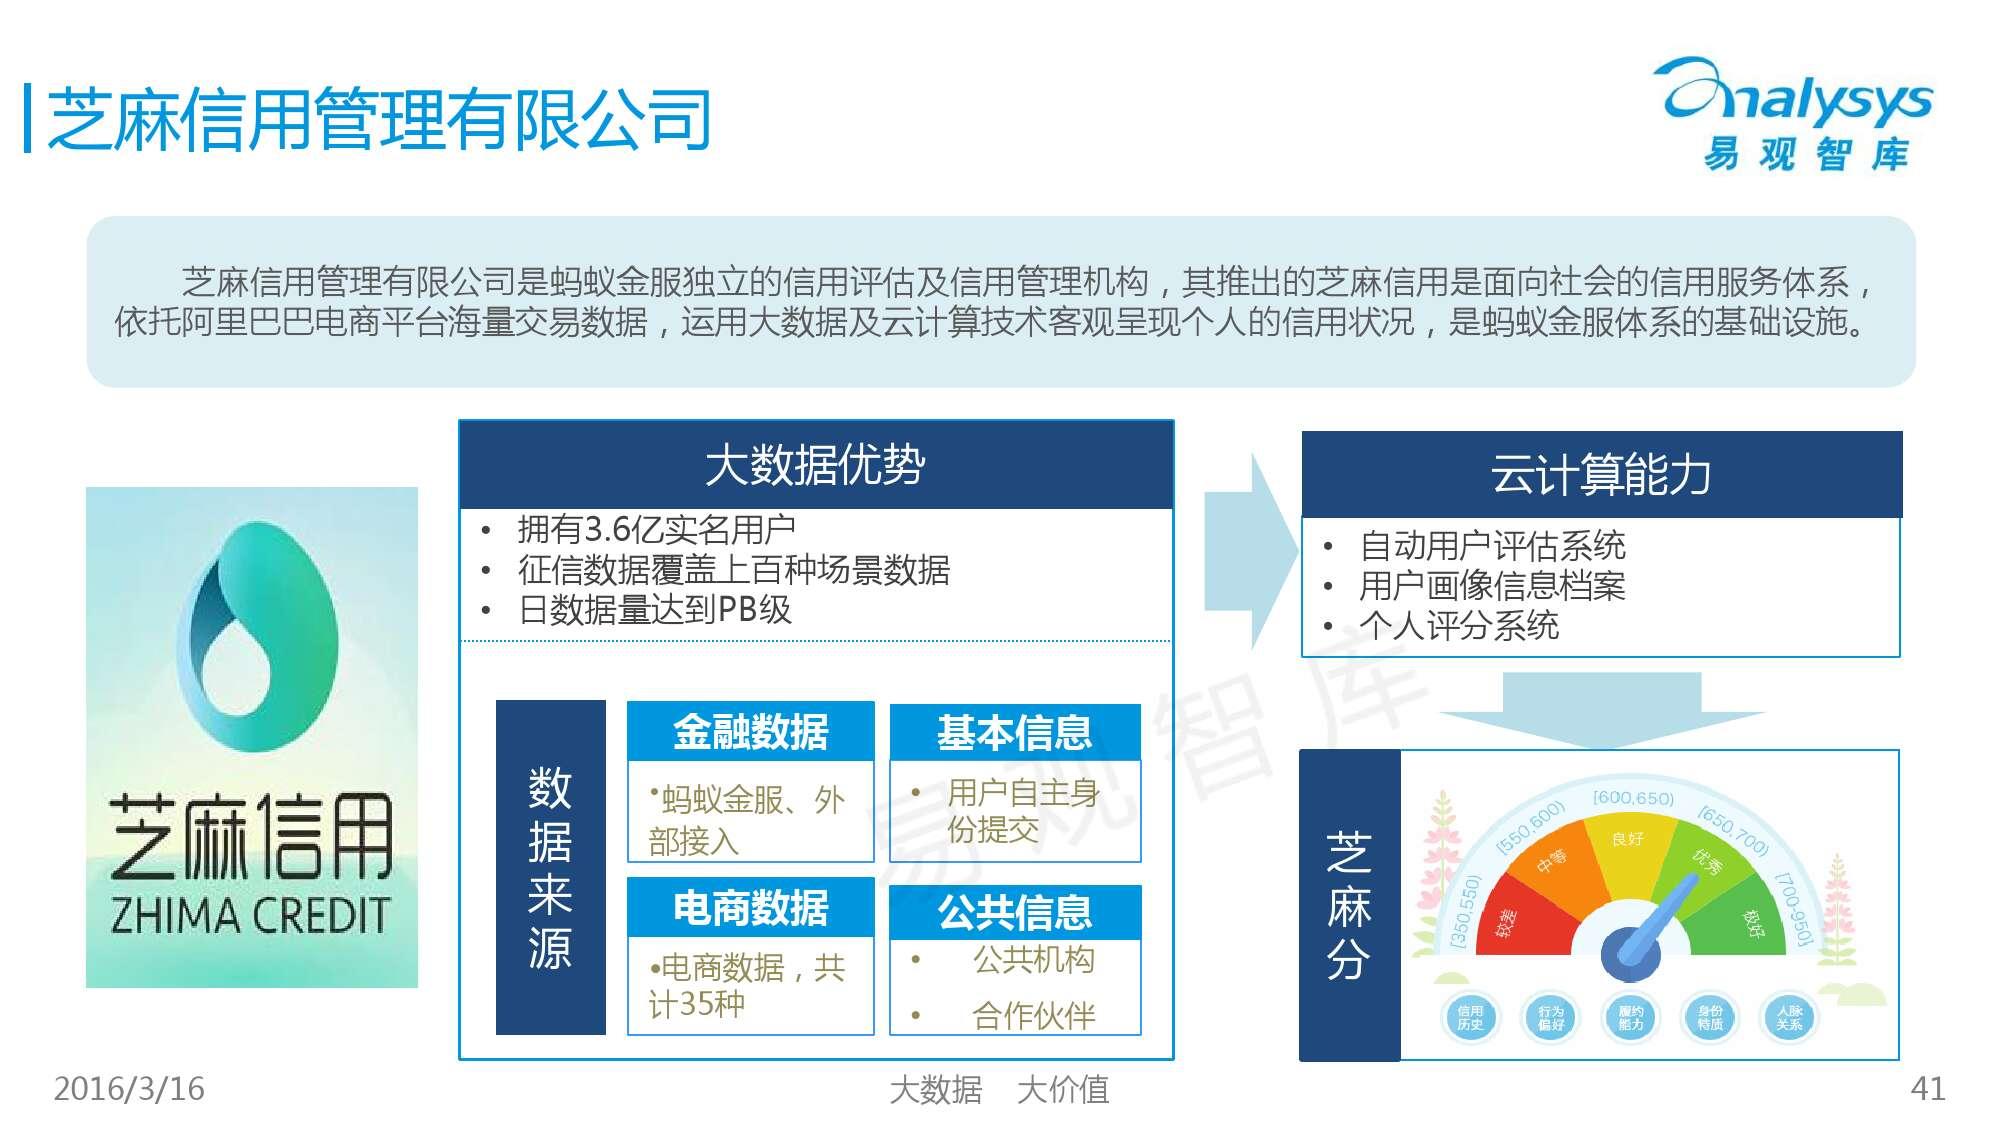 中国征信行业专题研究报告2016_000041